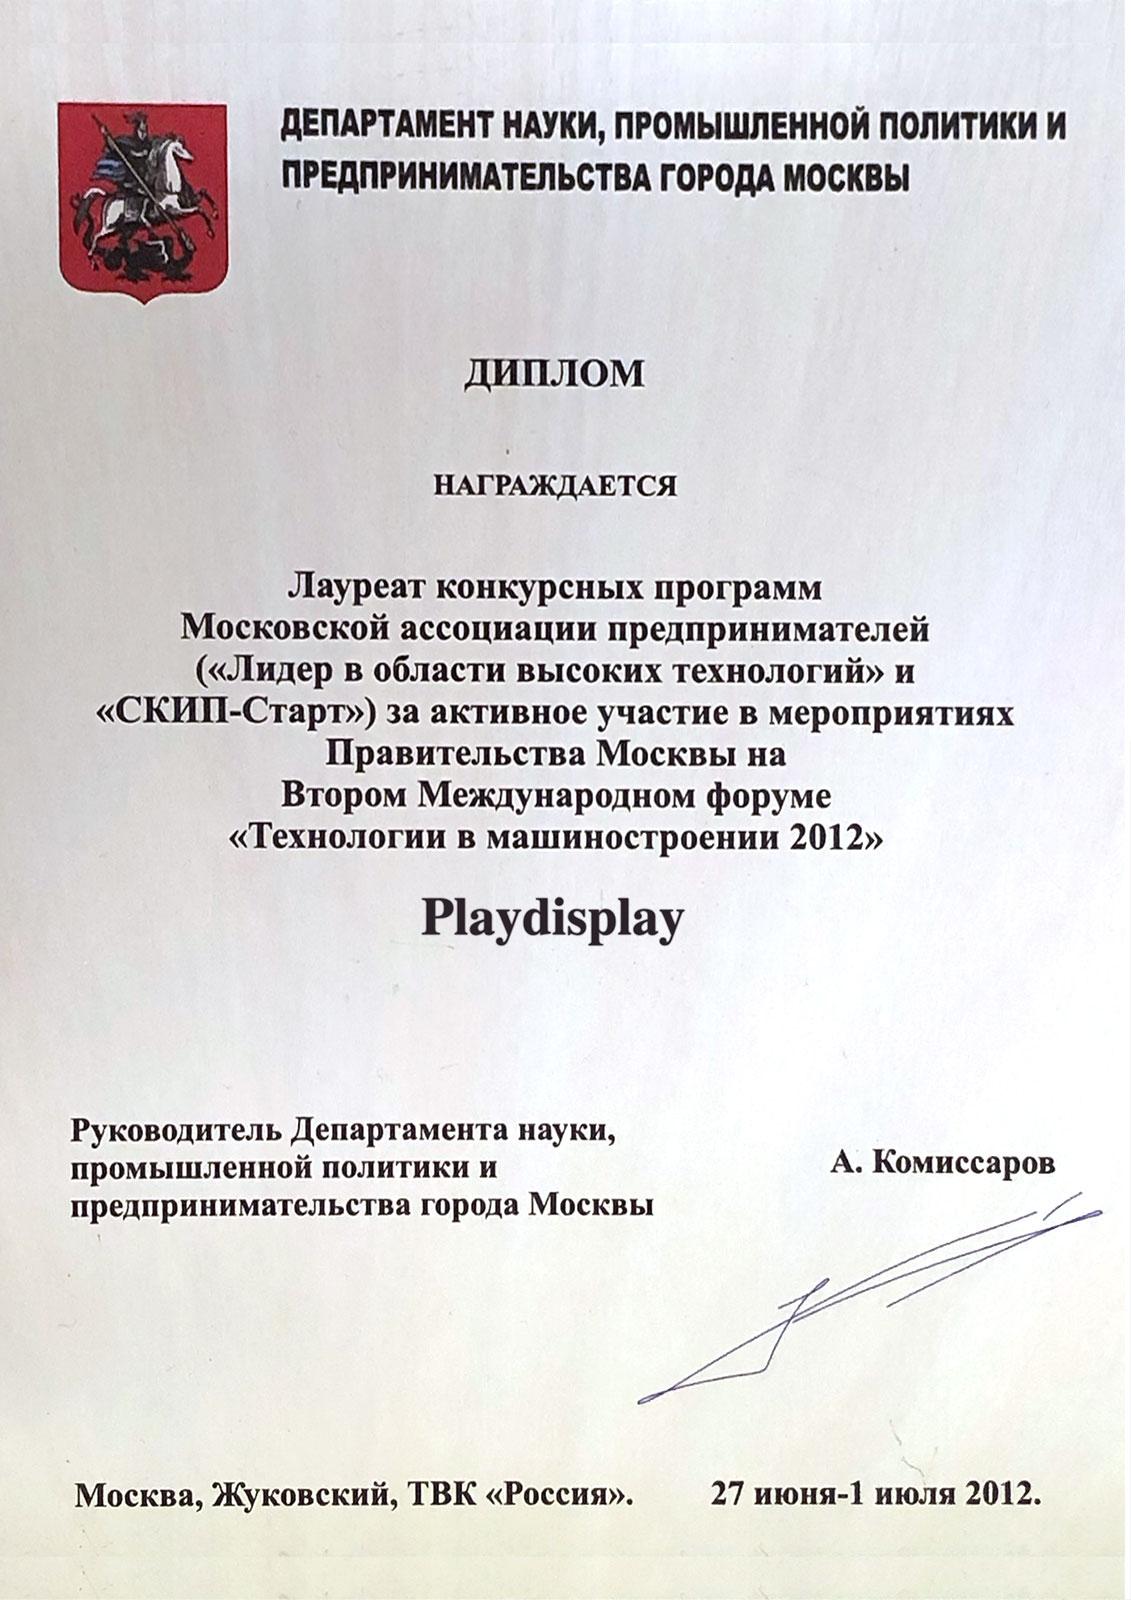 PD_diplomas7